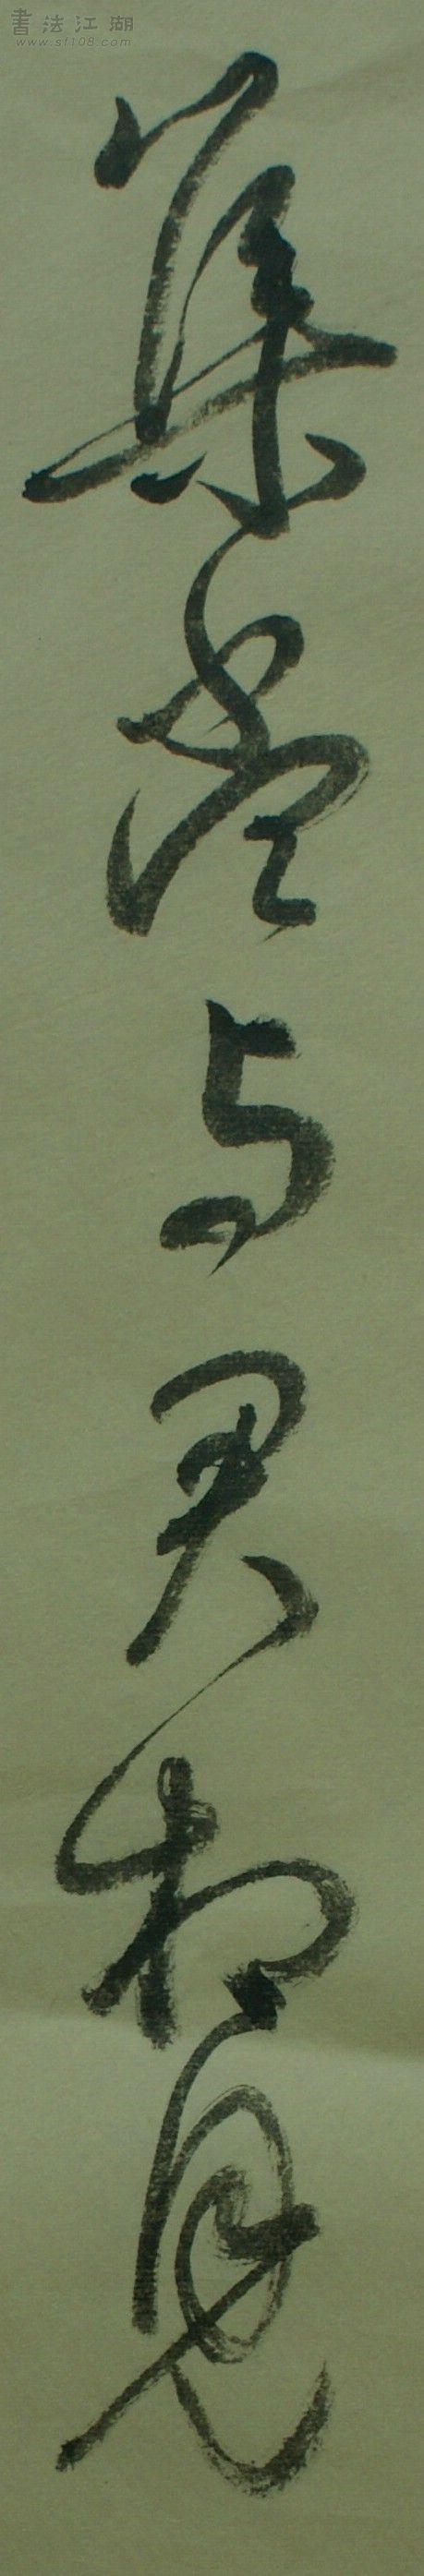 DSC04181_副本.JPG